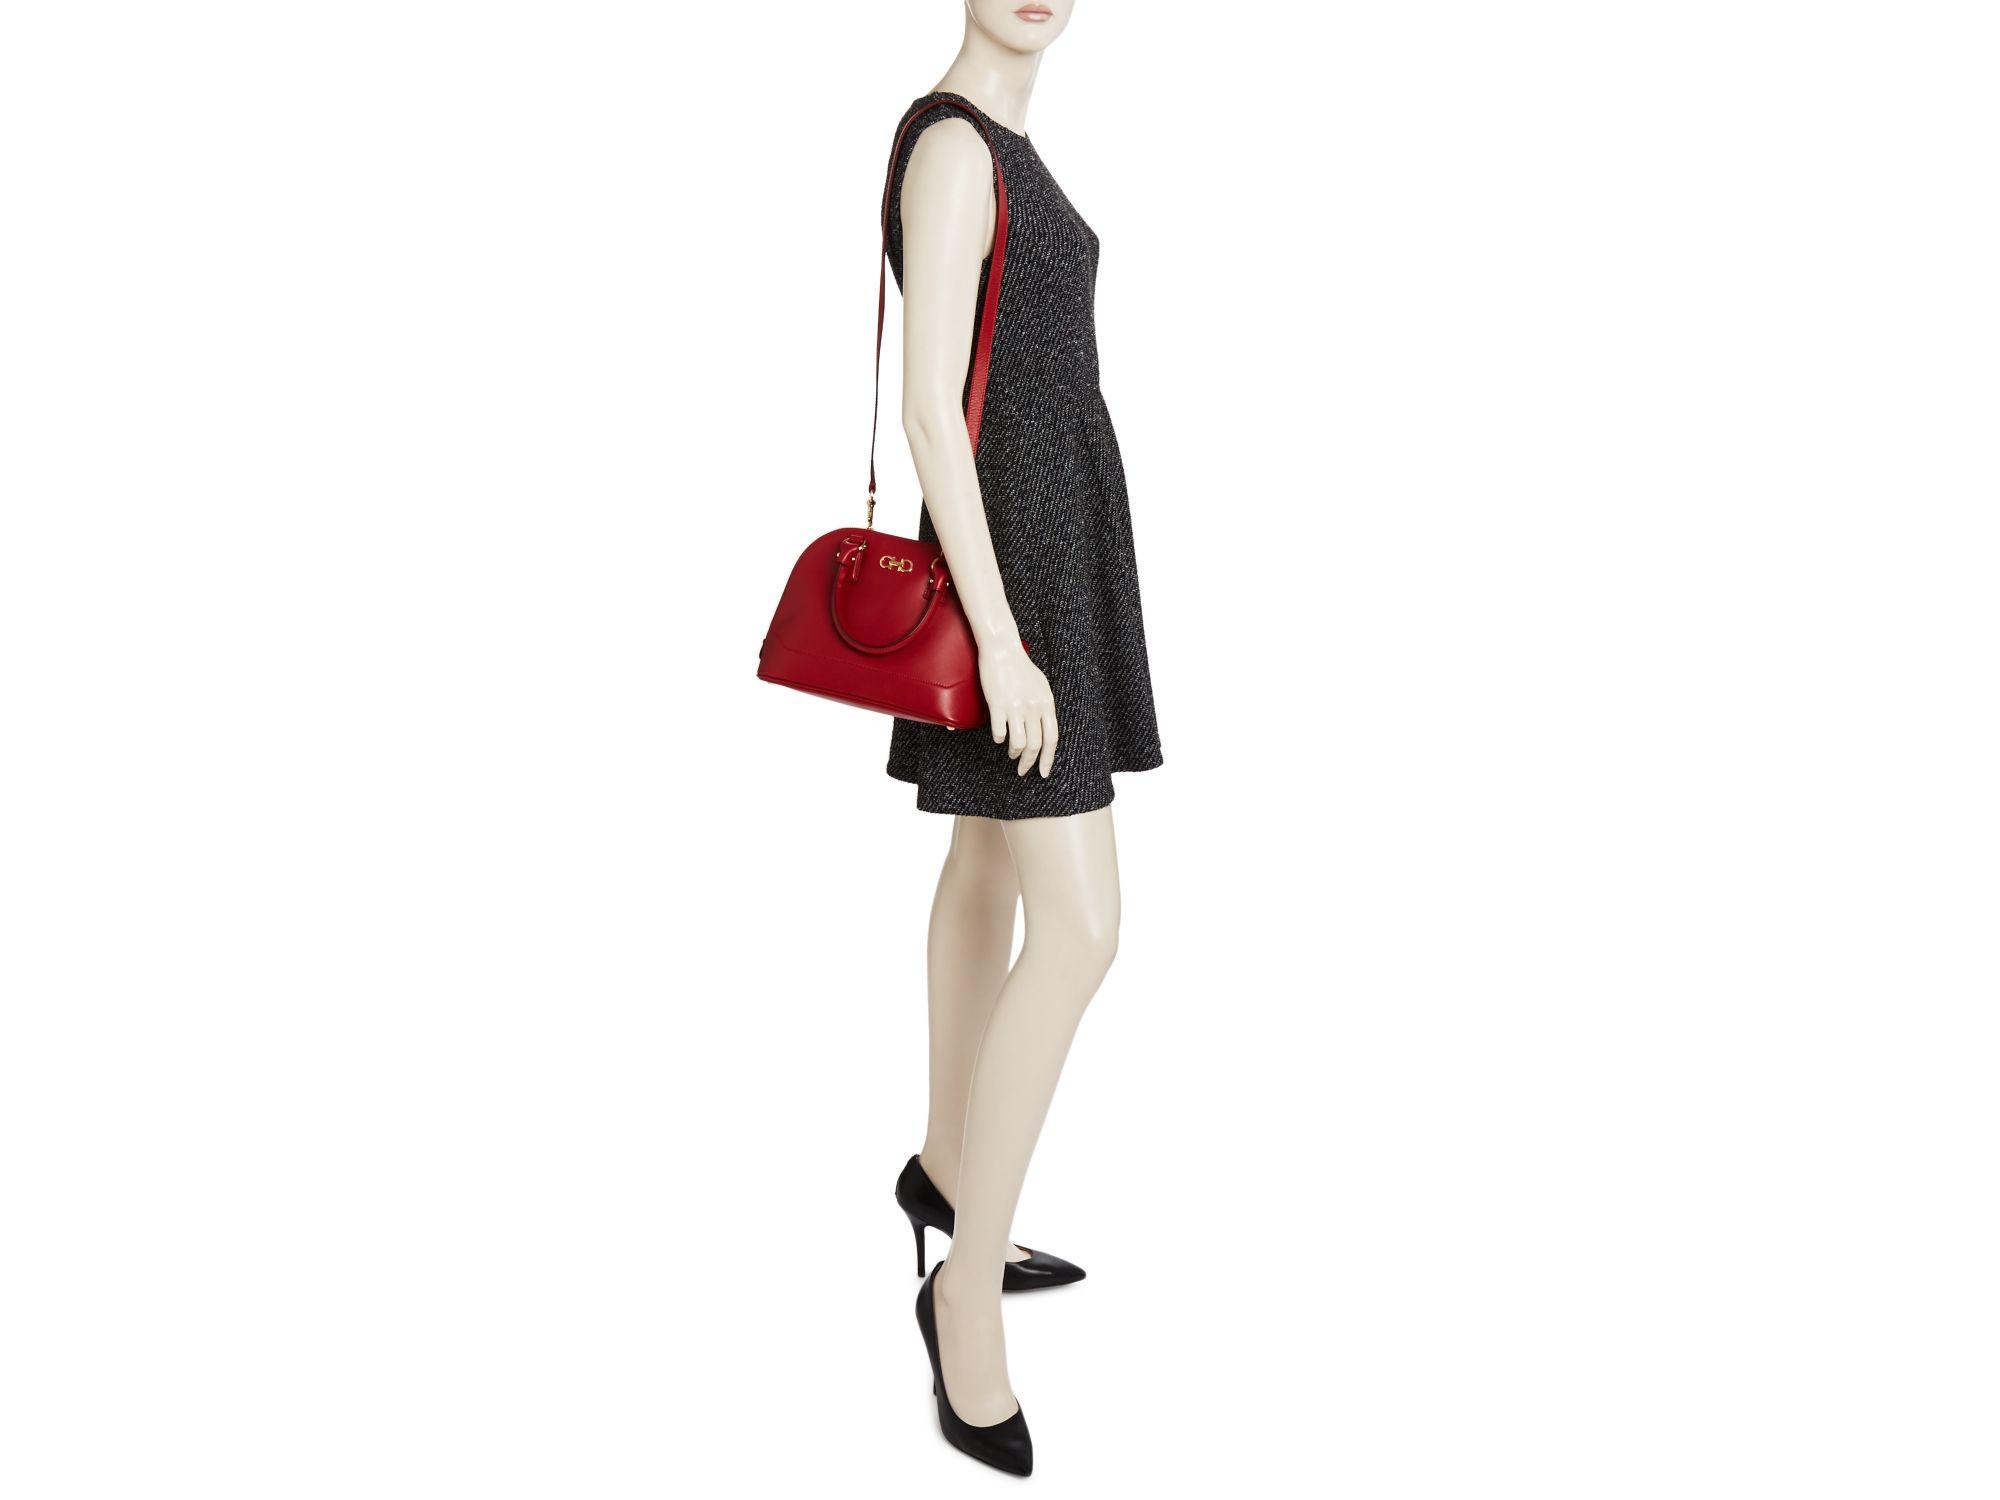 Ferragamo Leather Crossbody - Darina Mini Dome Satchel in Red